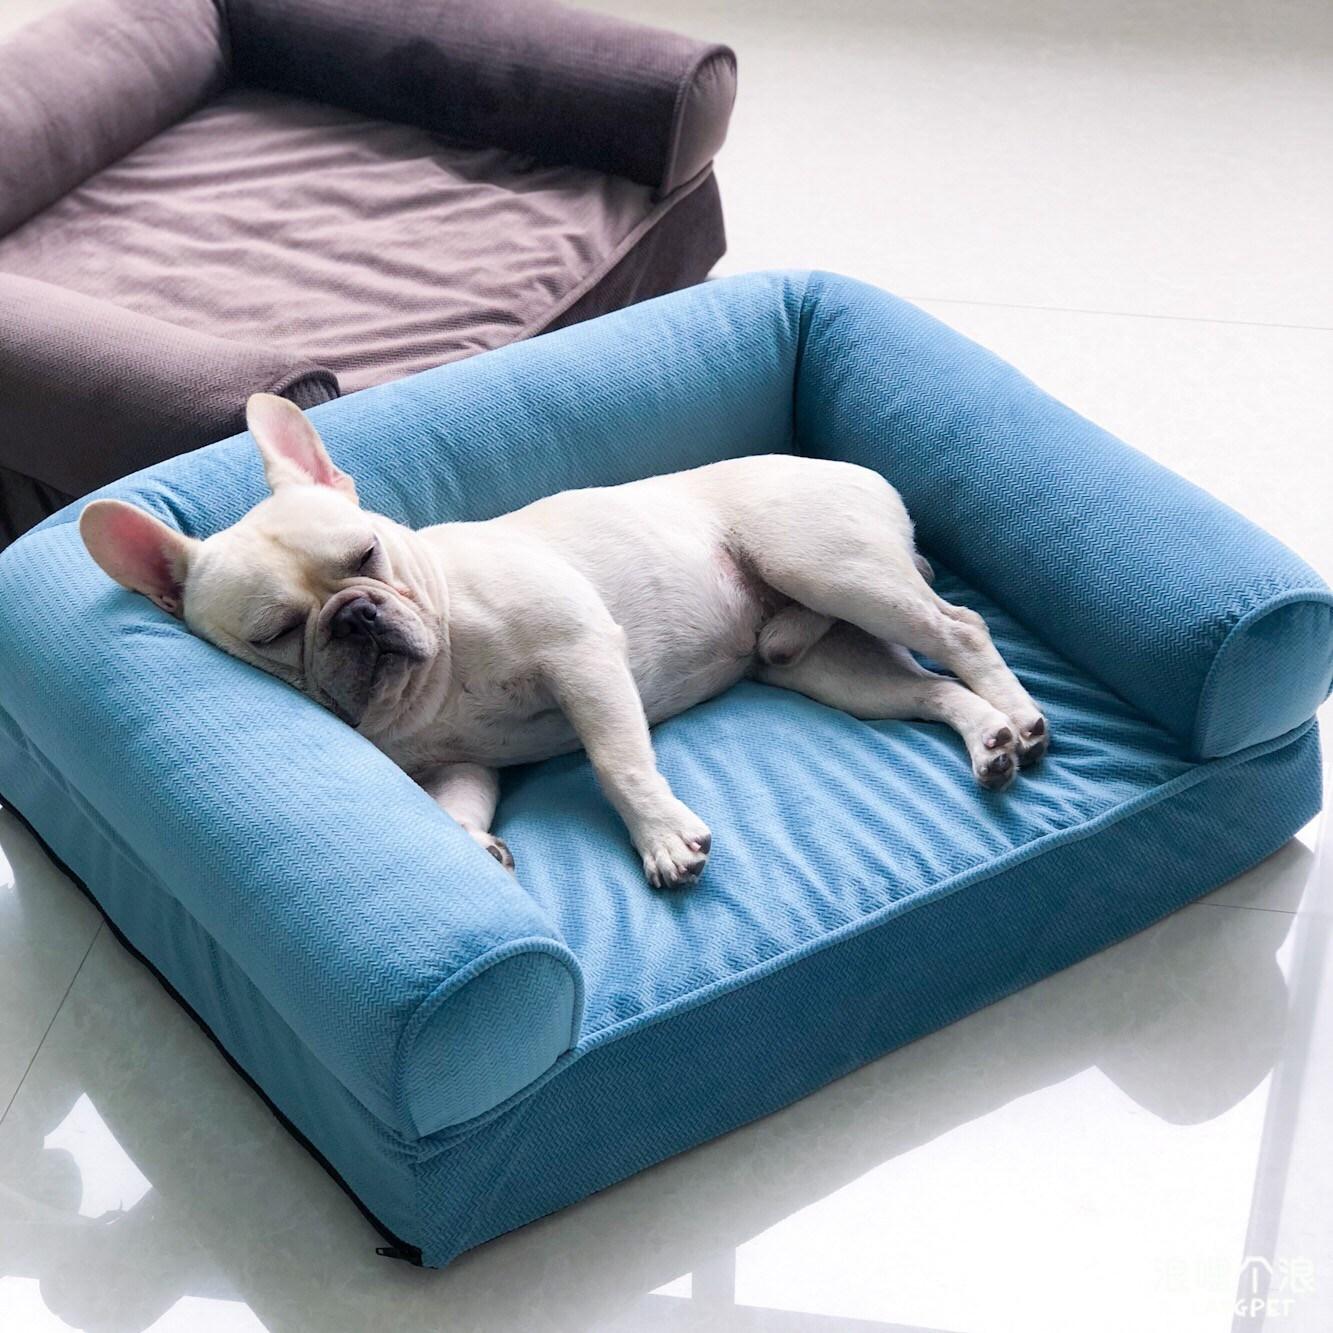 기타 애견방석 구름방석 강아지 침대 소파, 블루